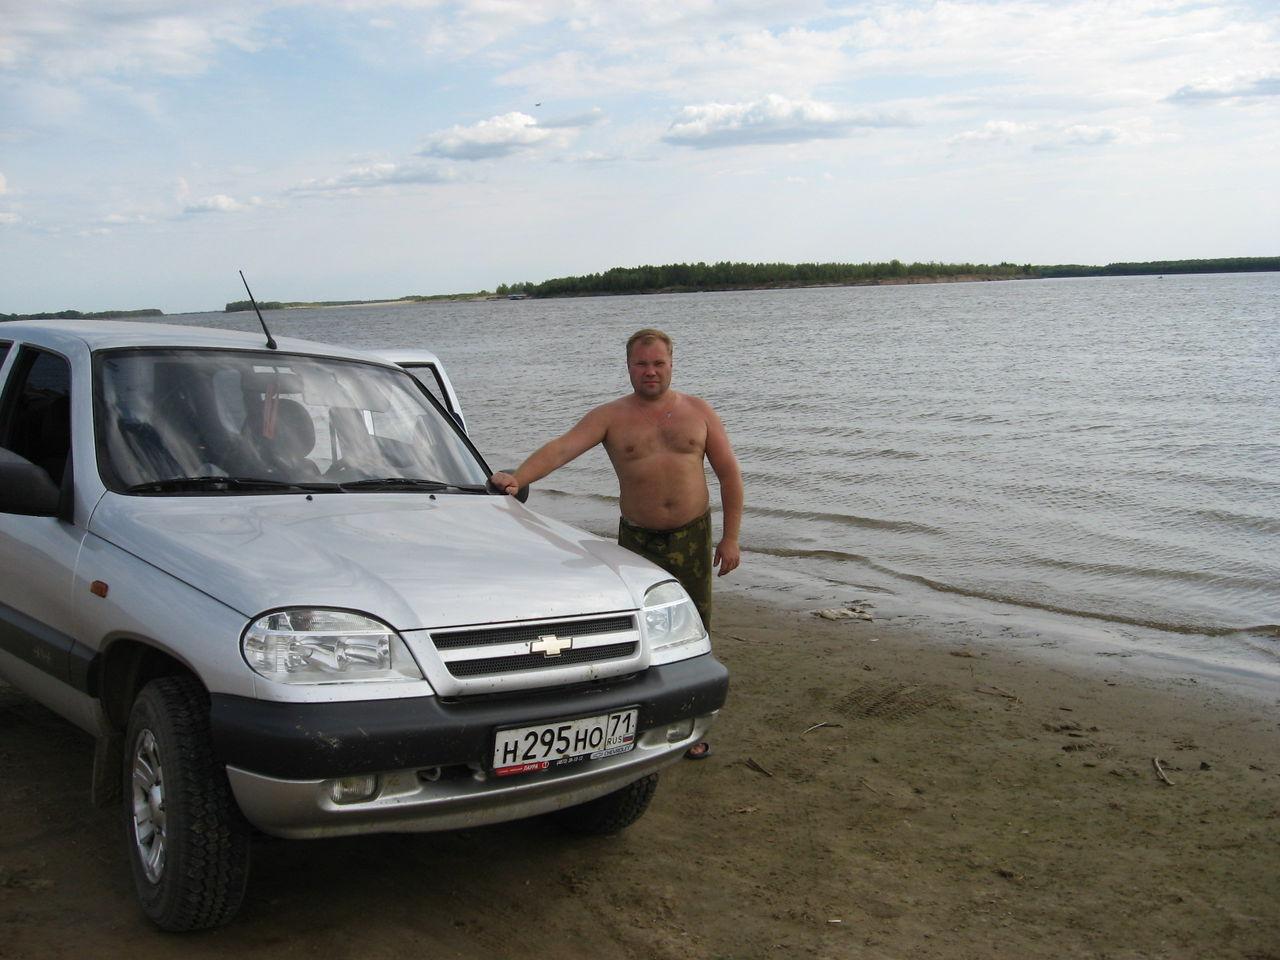 Пробег 42000 км. Заменил сальник редуктора заднего моста - 28 рублей. . Ла